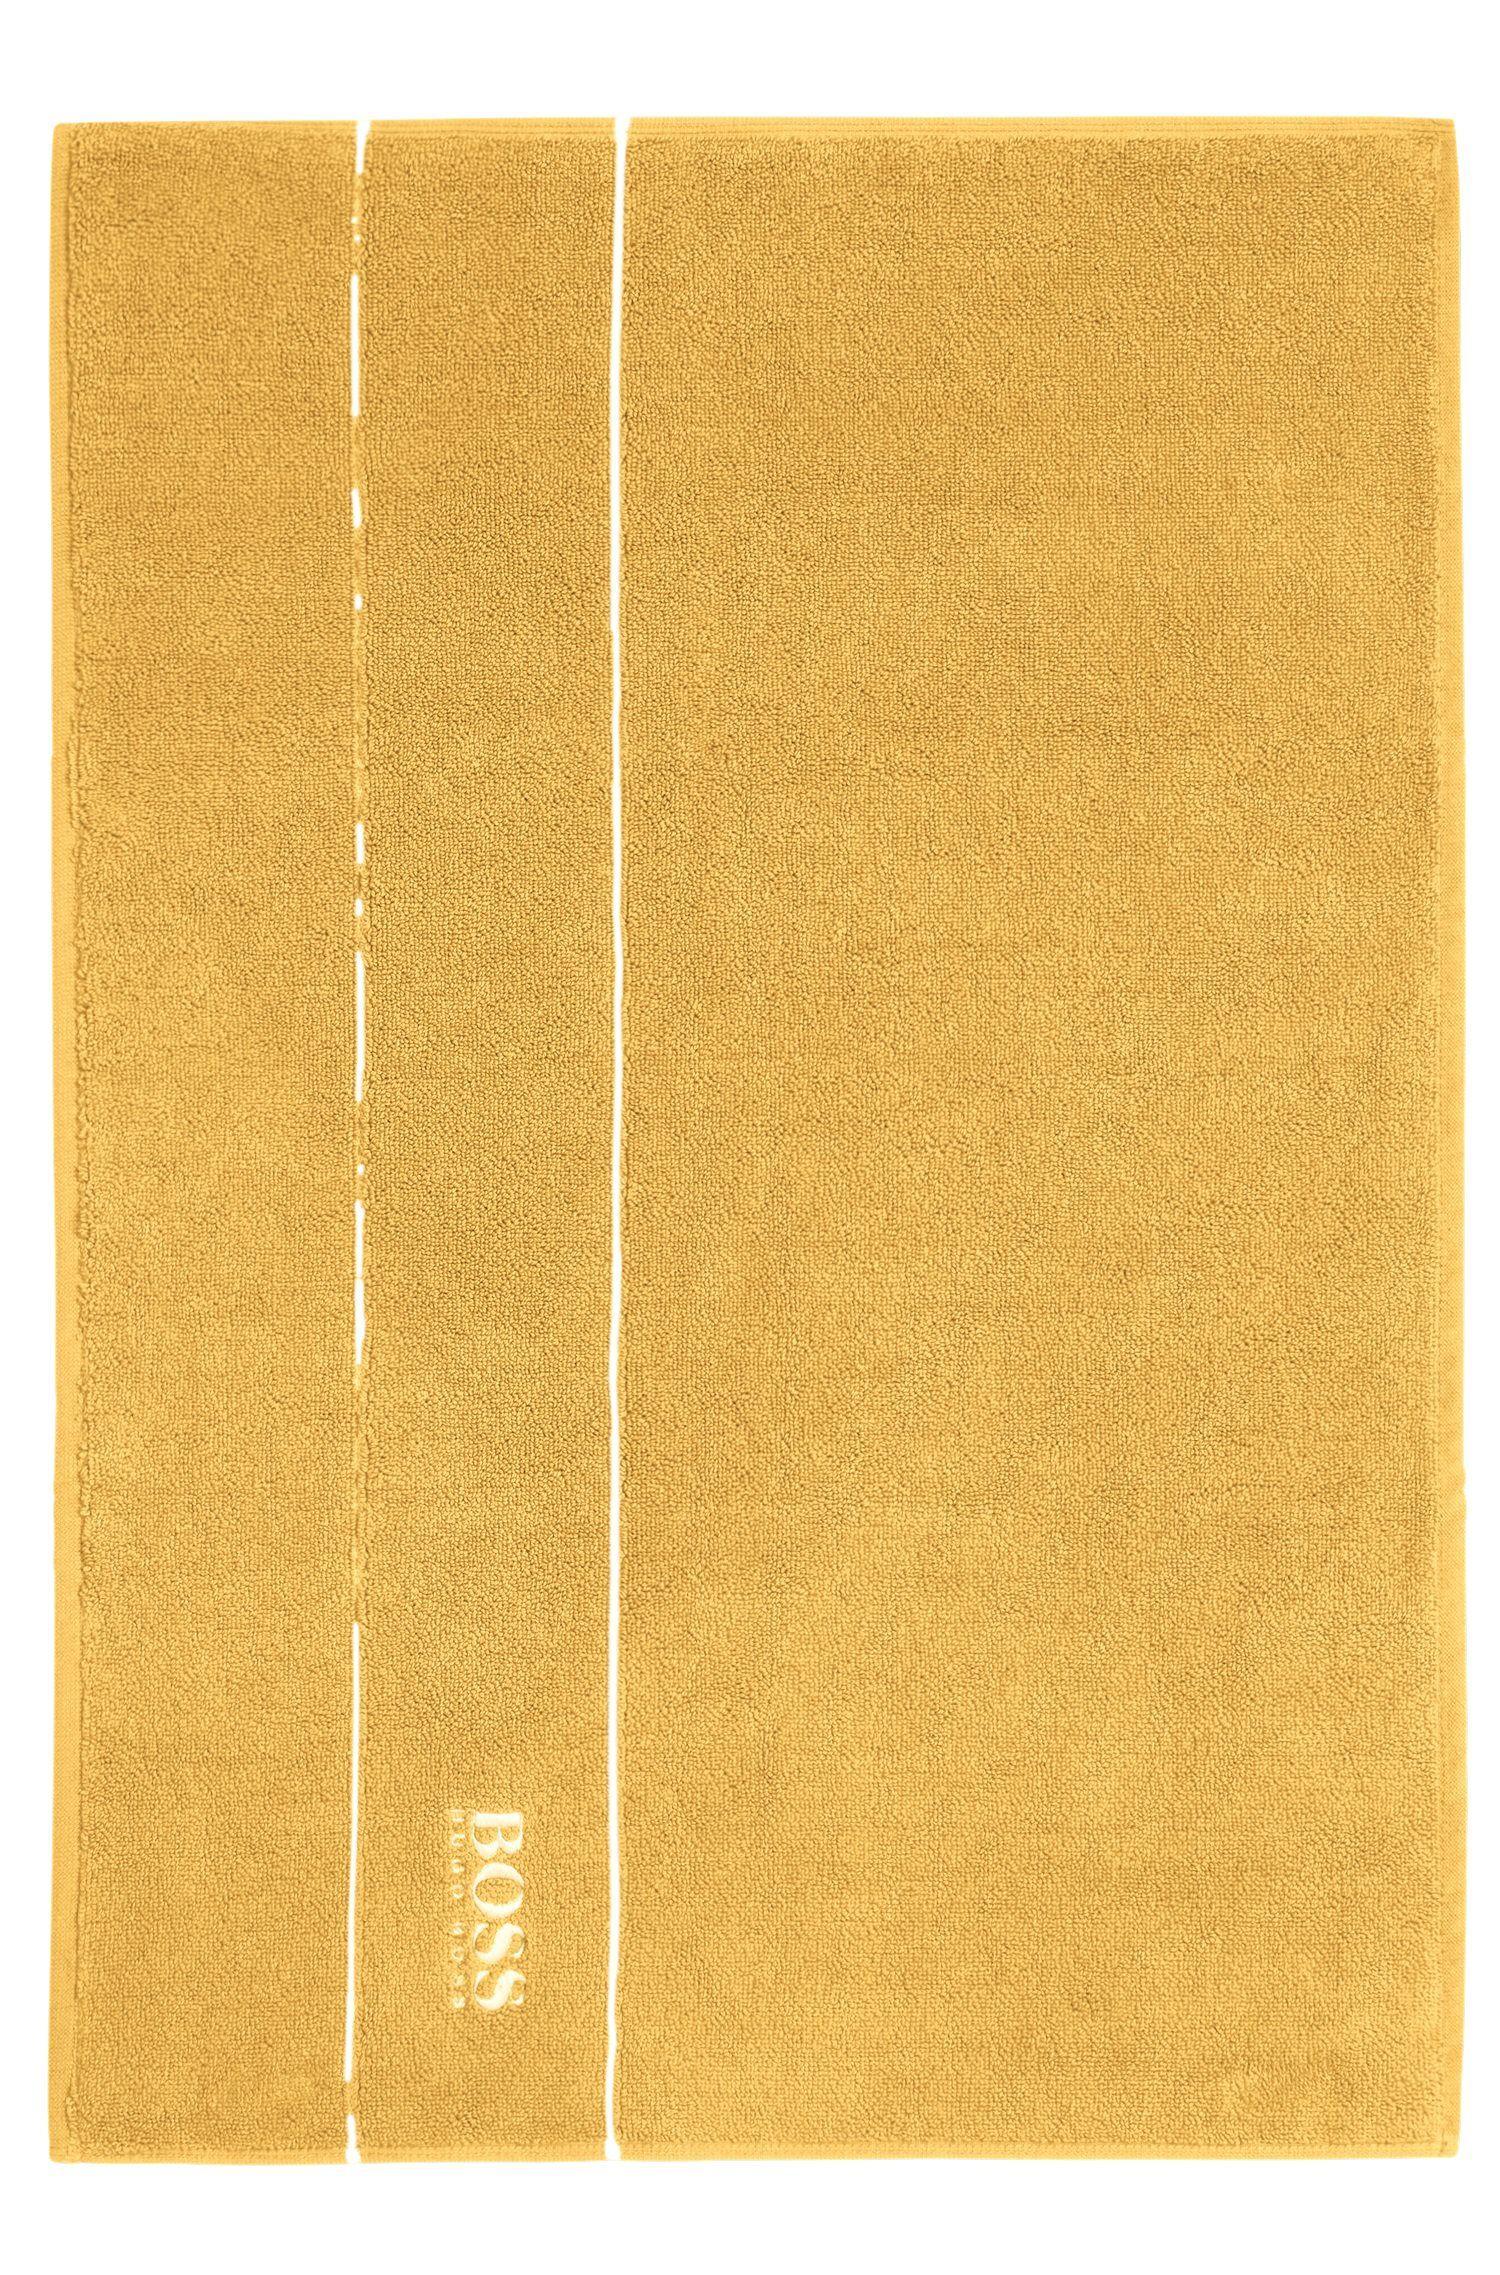 Alfombrilla de baño en algodón egipcio de la máxima calidad con logo en el borde, Oro